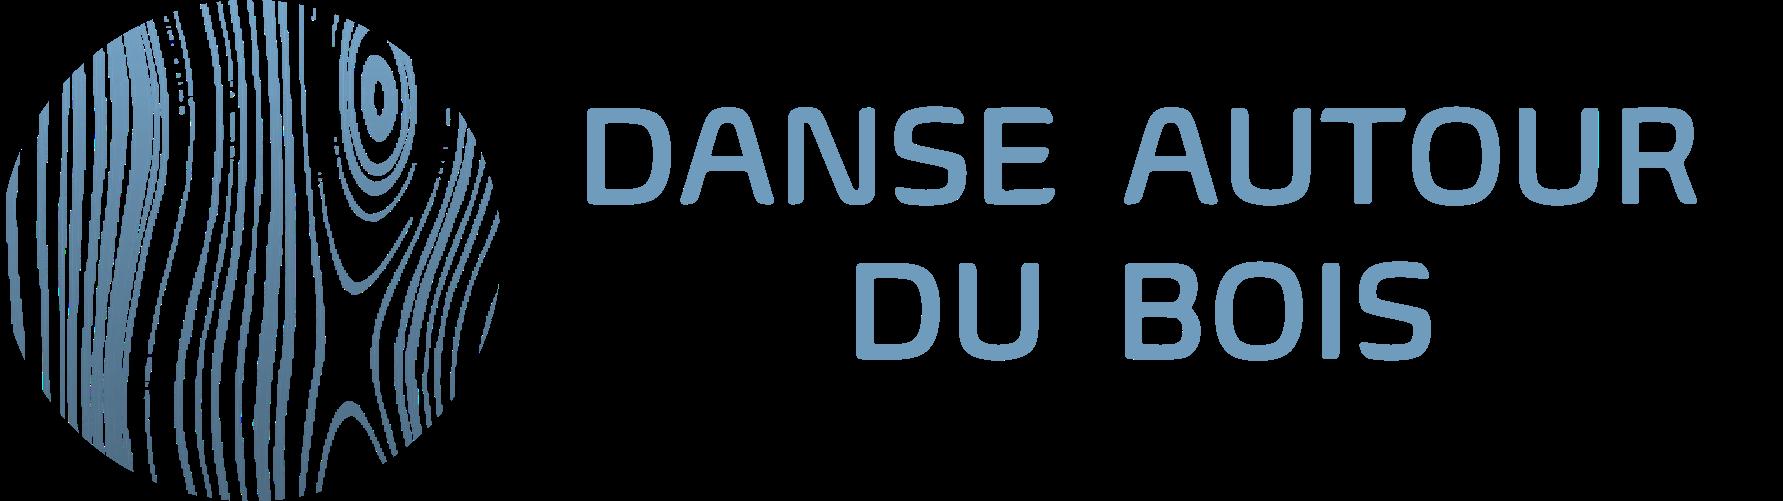 DANSE AUTOUR DU BOIS